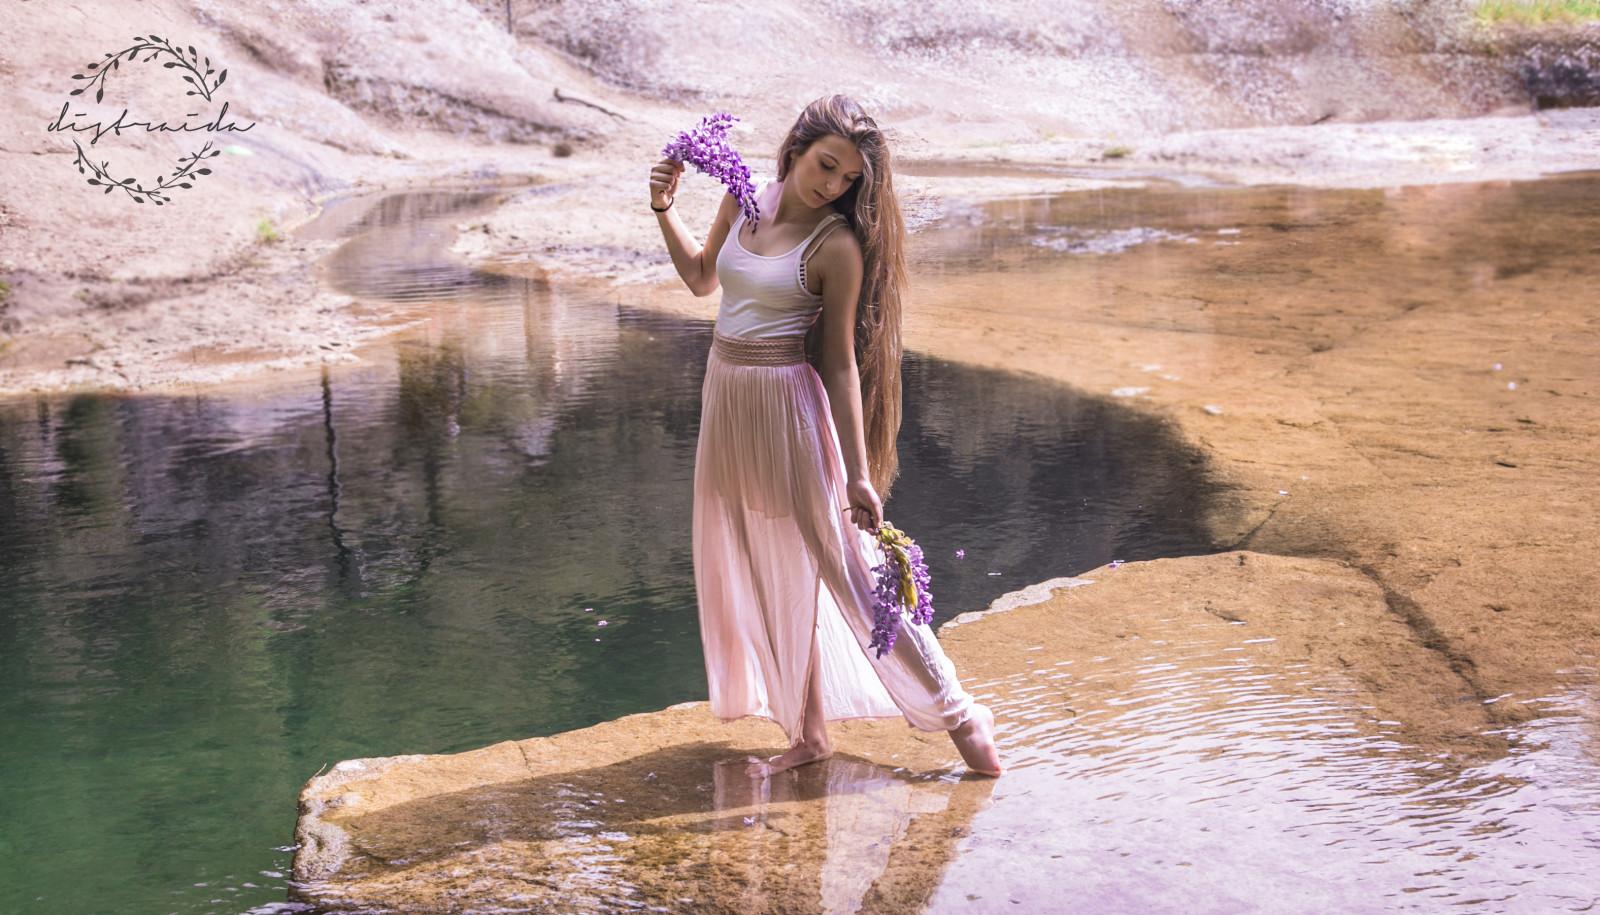 + Photoshoot:NatureElements 01 by sanodesign on DeviantArt